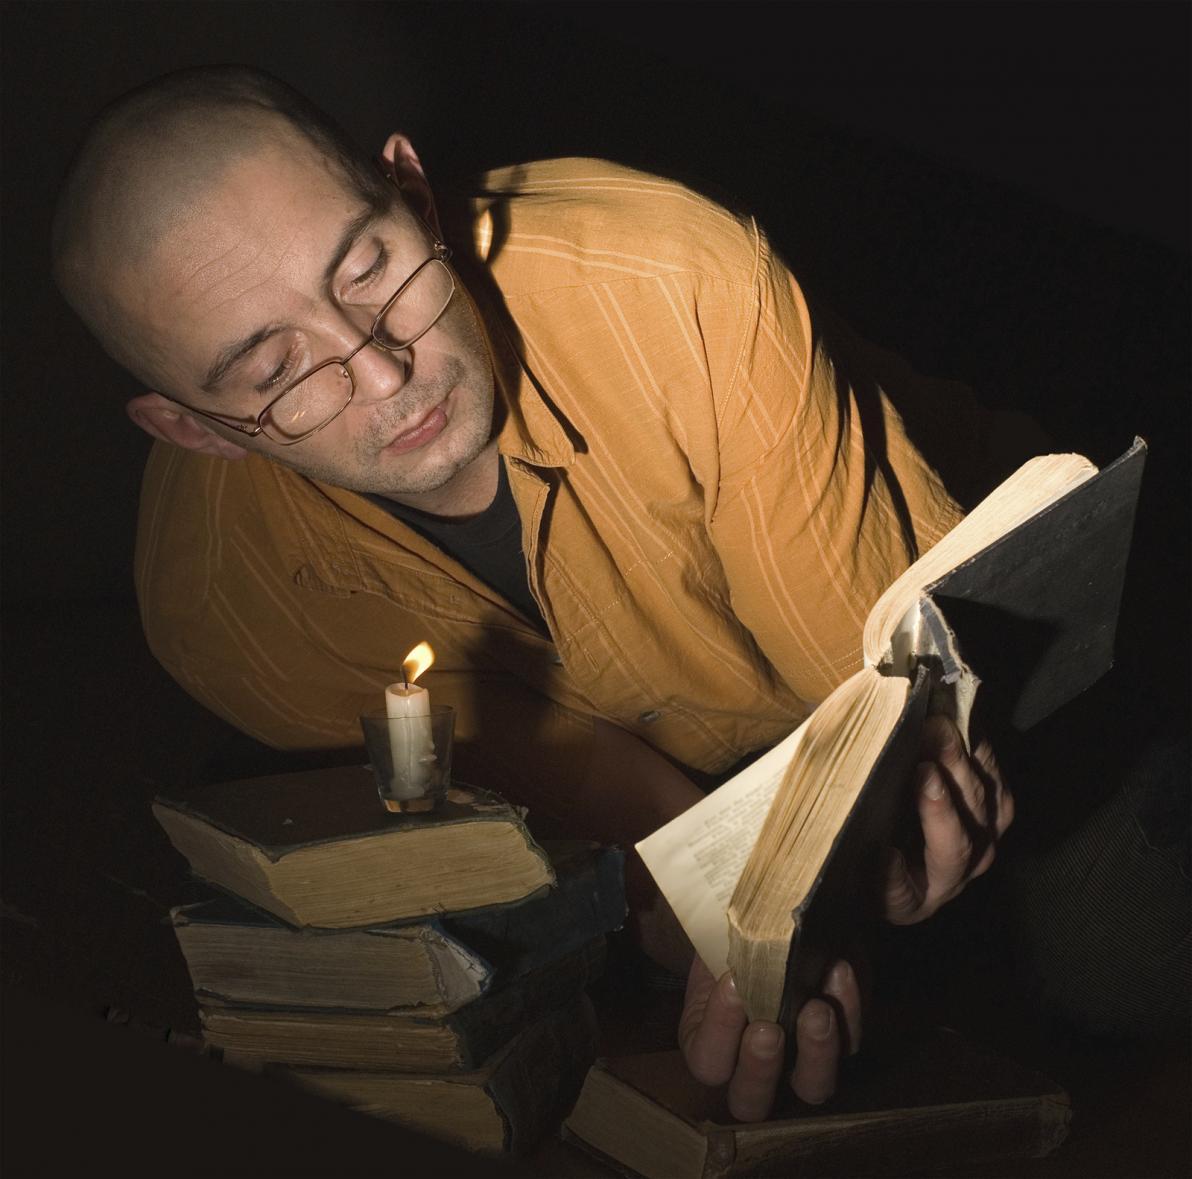 Leggere in condizioni di scarsa illuminazione